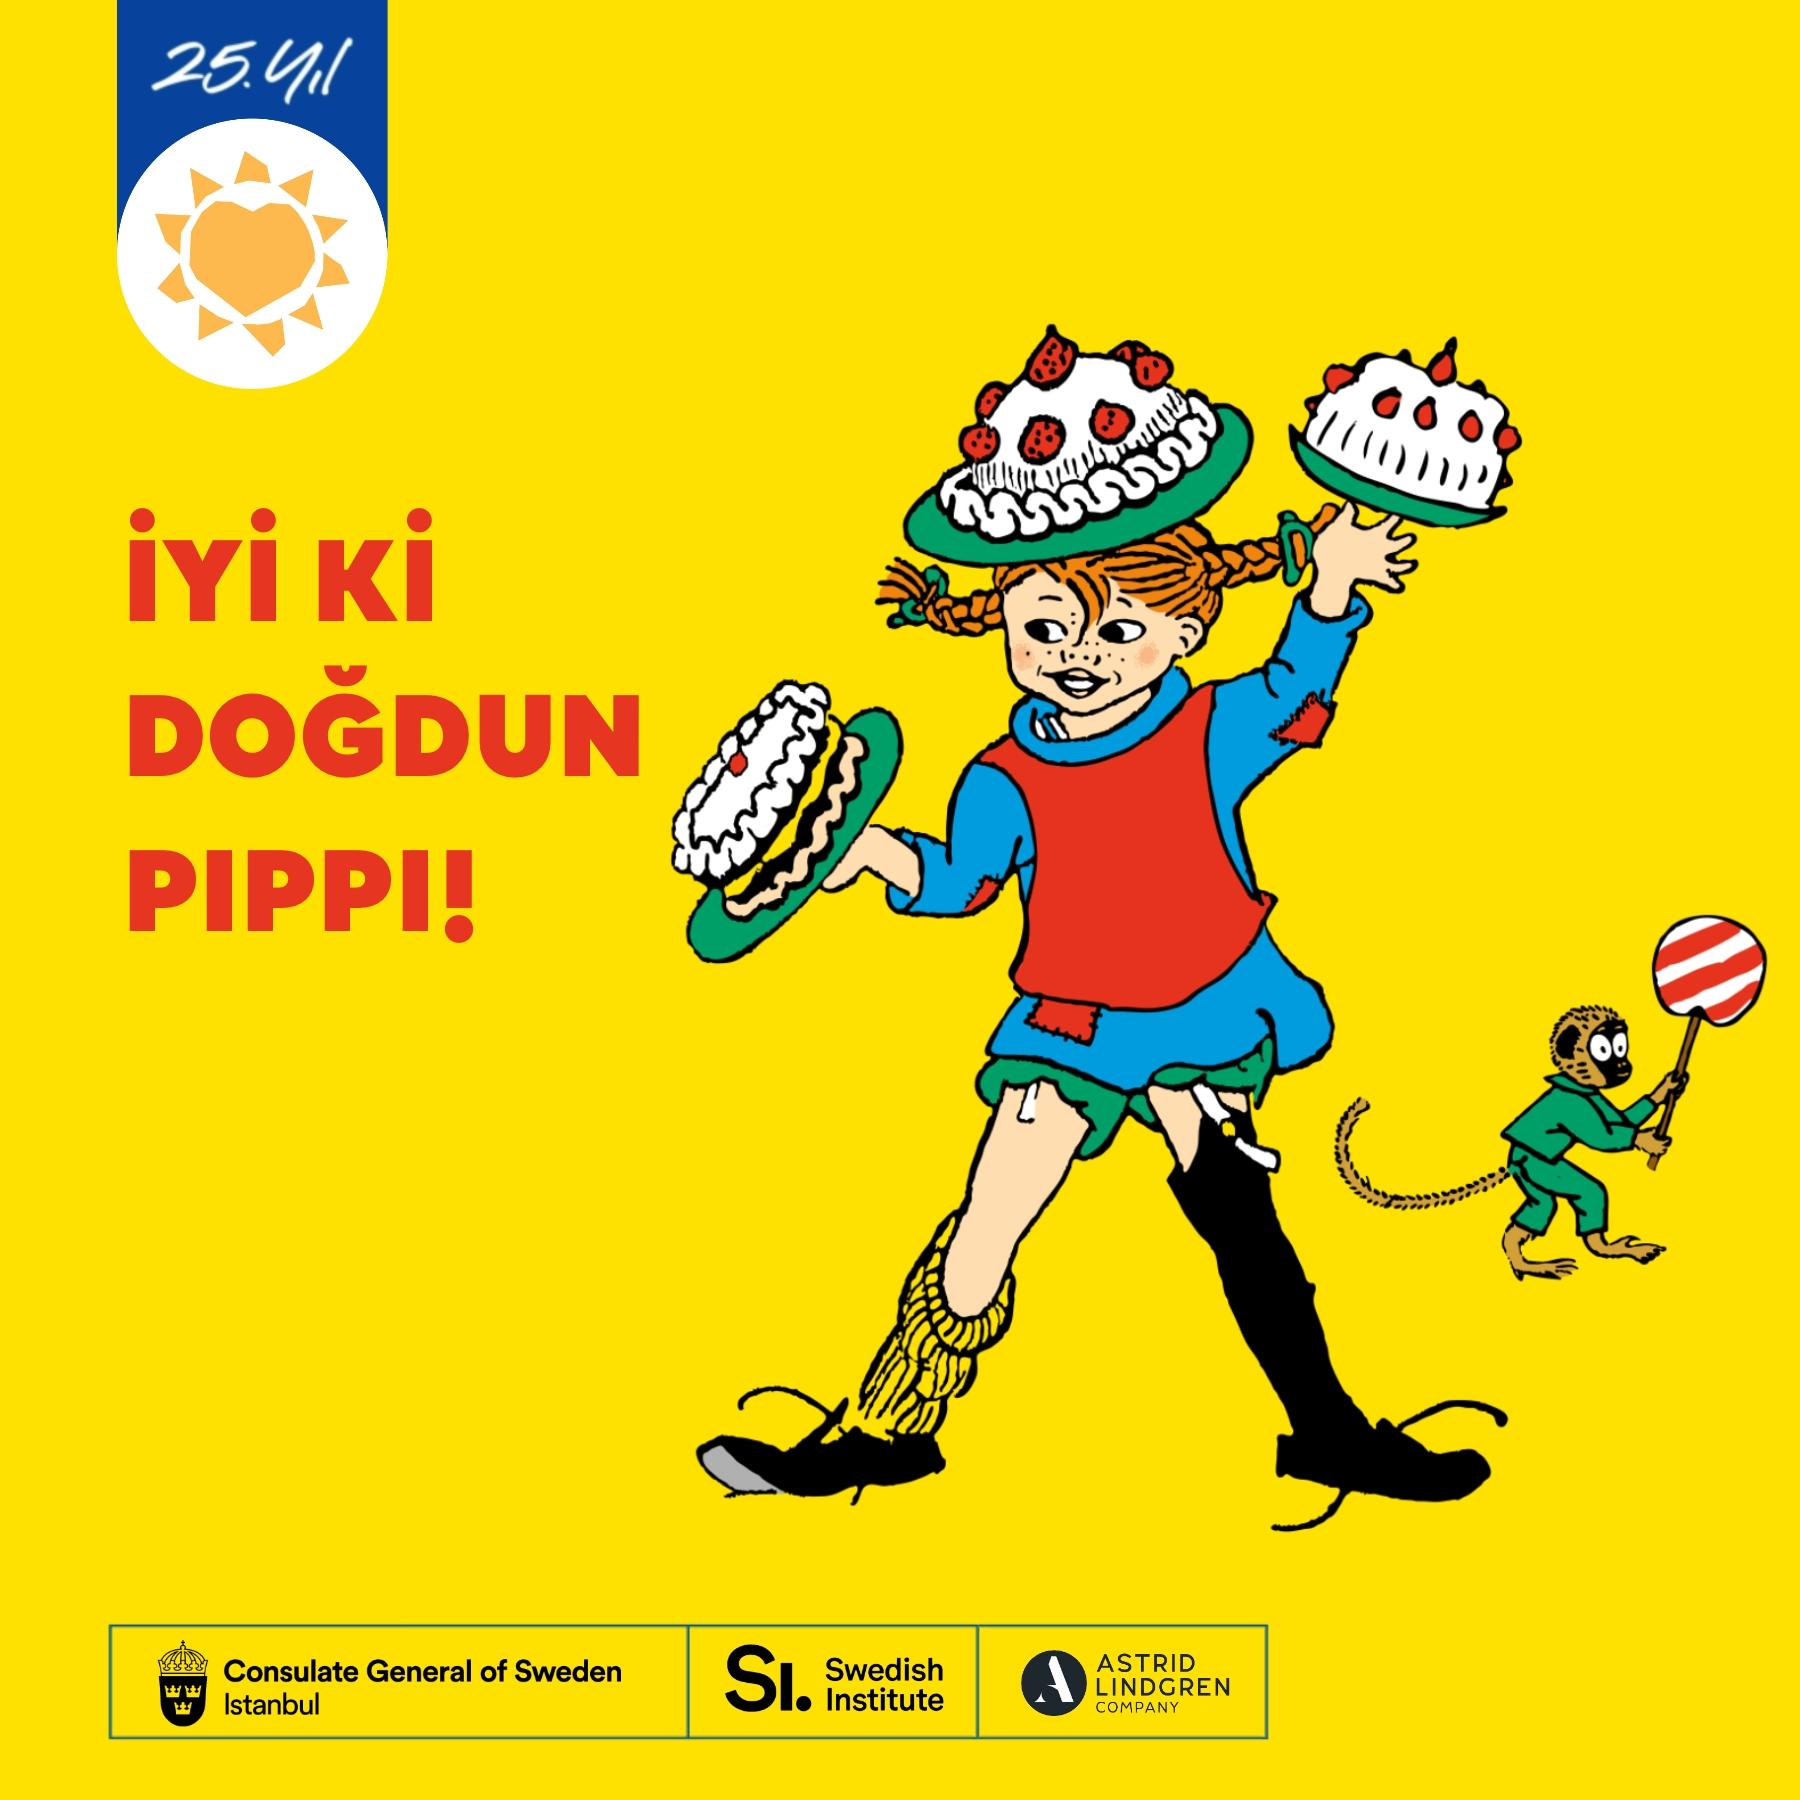 TEGV'den Pippi Uzunçorap'ın 75. doğum gününde çocuklara ilham verecek bir seminer